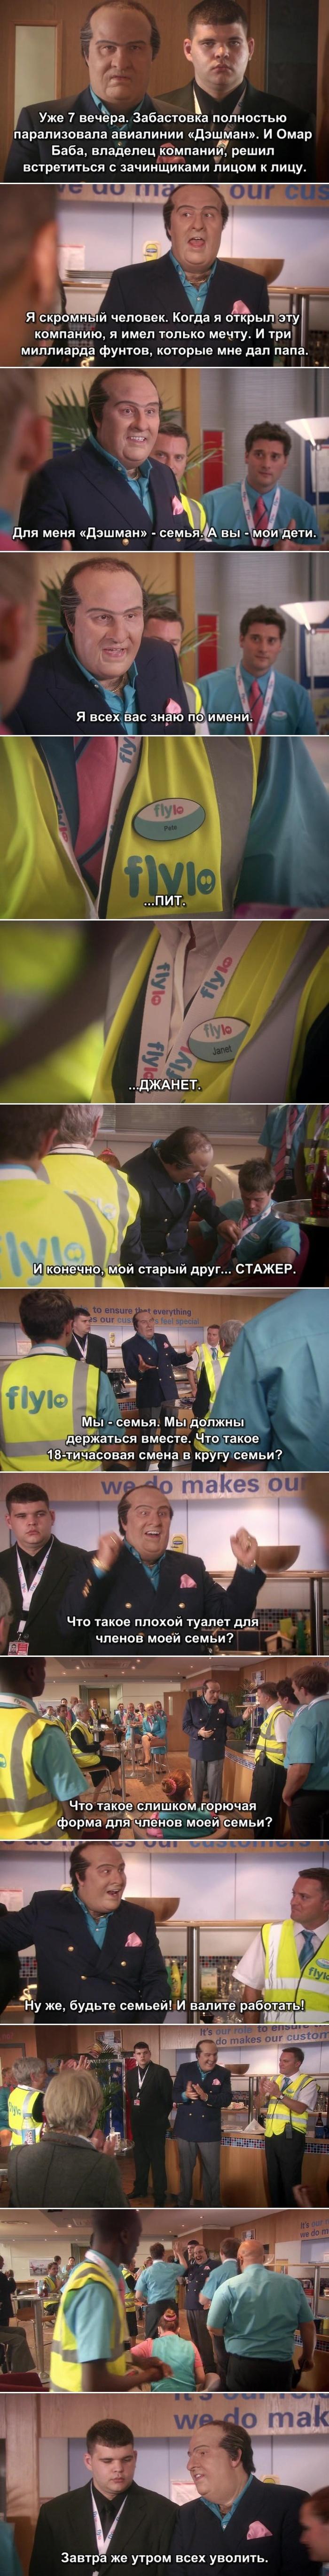 Забастовка (сатира в картинках) Юмор, Забастовка, Раскадровка, Come Fly with Me, Летим со мной, Дэвид Уолльямс, Длиннопост